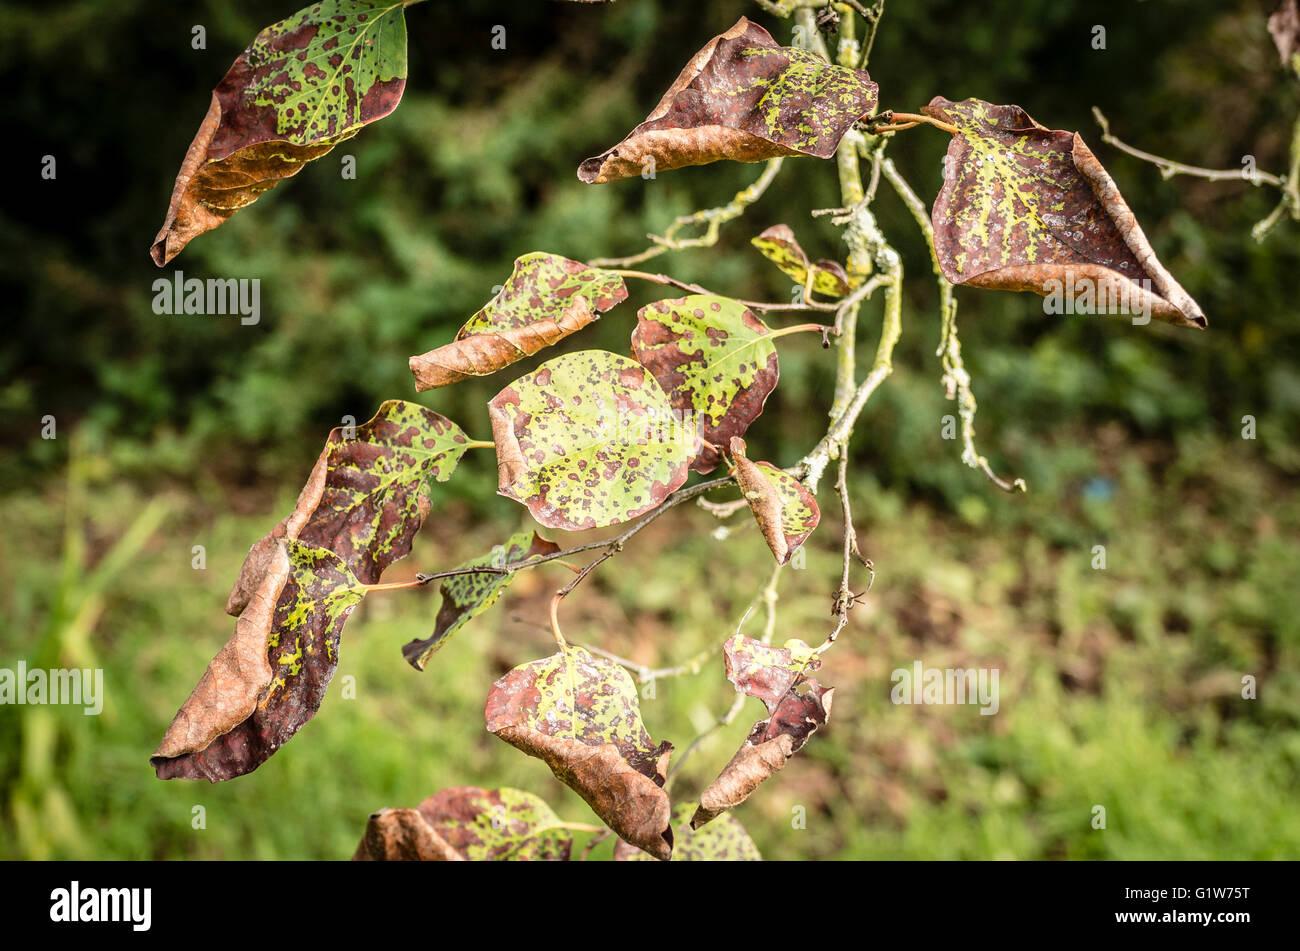 Zeichen der Bedrängnisses auf Blättern von Cydonia Oblonga führt zu reduzierten Fruchtkörper Stockbild